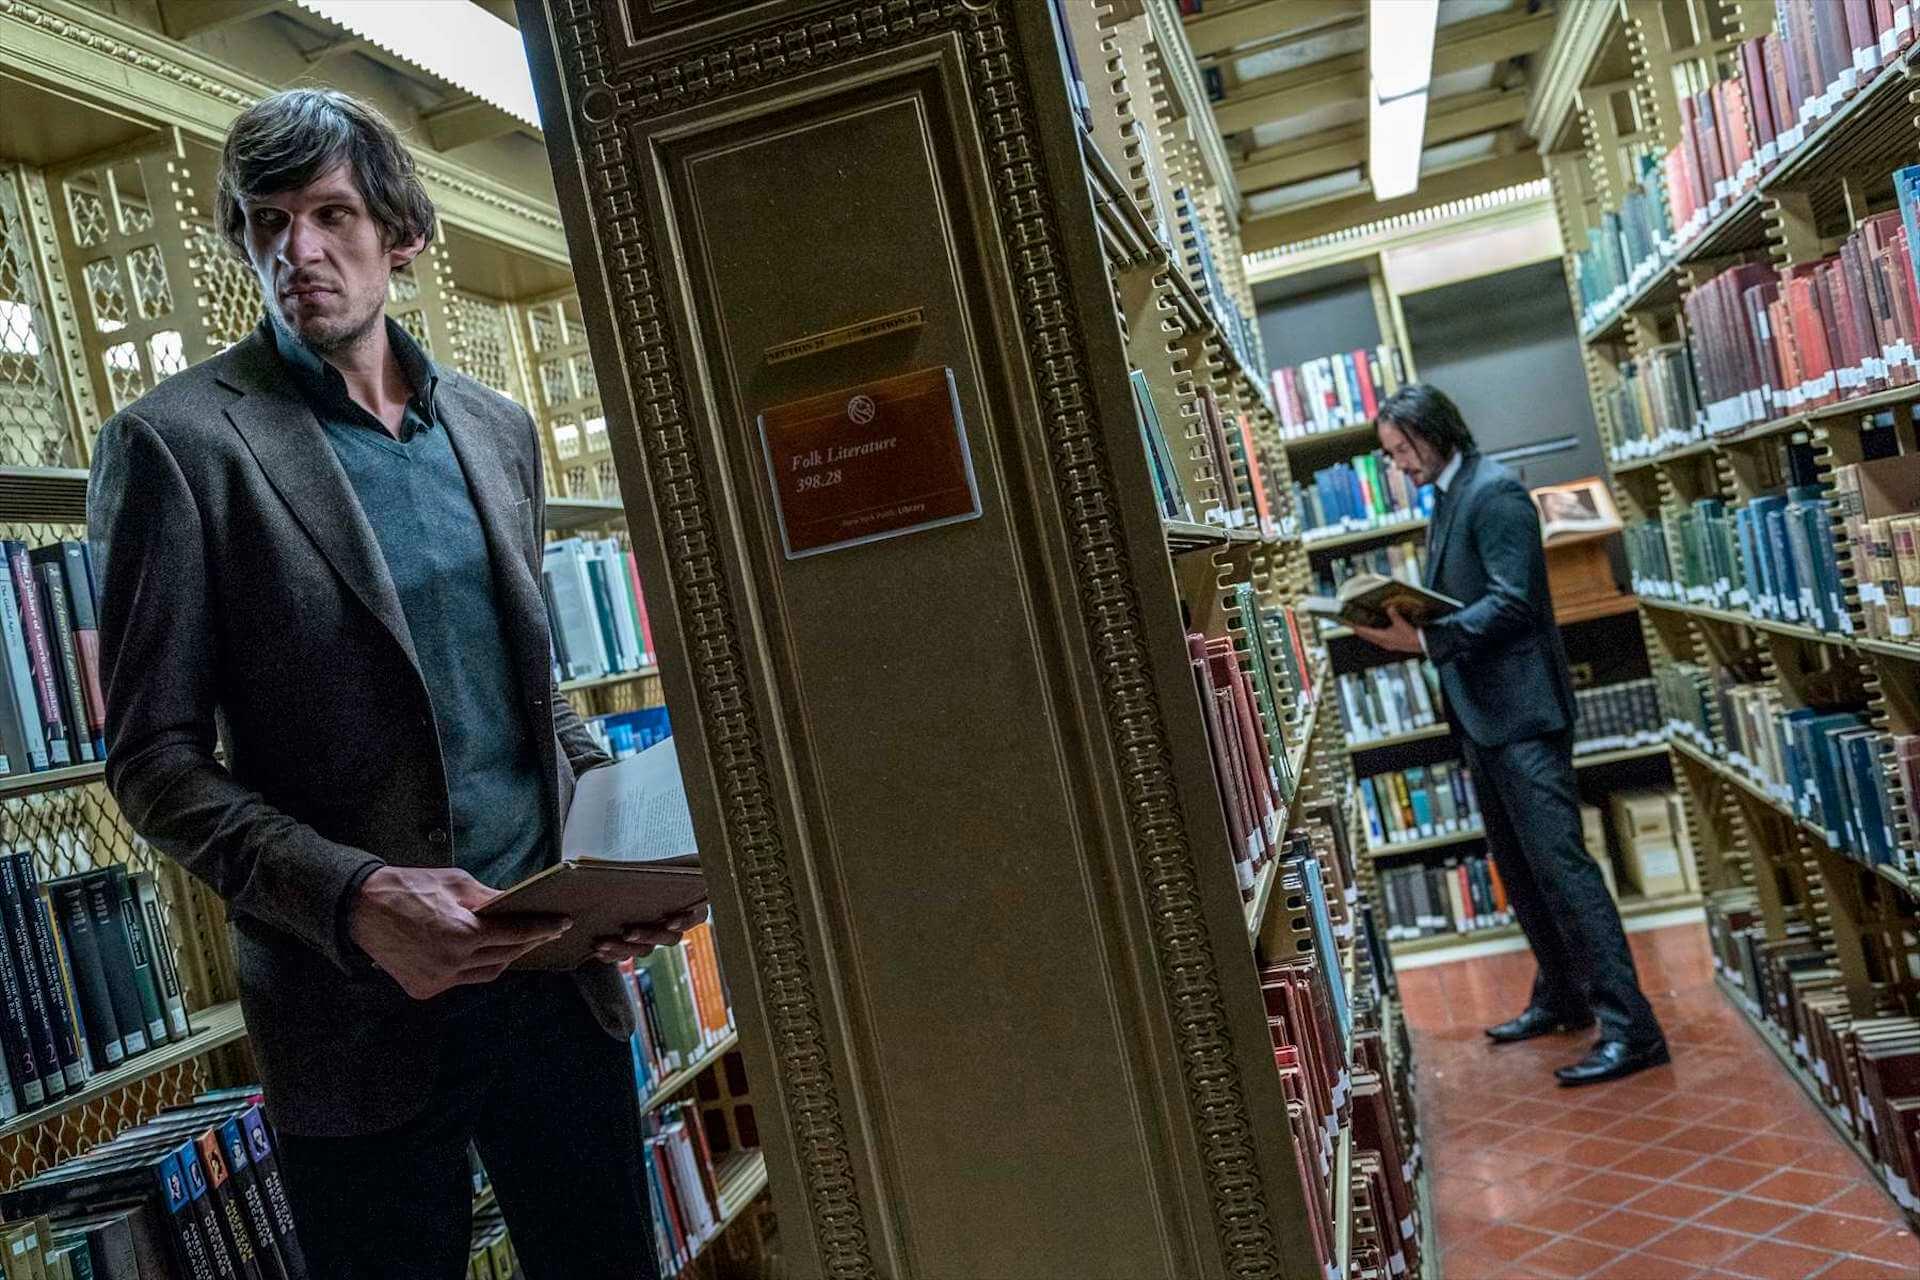 """キアヌ・リーブス、2メートル超えの巨人に対抗するために使うのは""""本・フー""""!?『ジョン・ウィック:パラベラム』特別映像解禁 film191004_johnwick_book_2"""